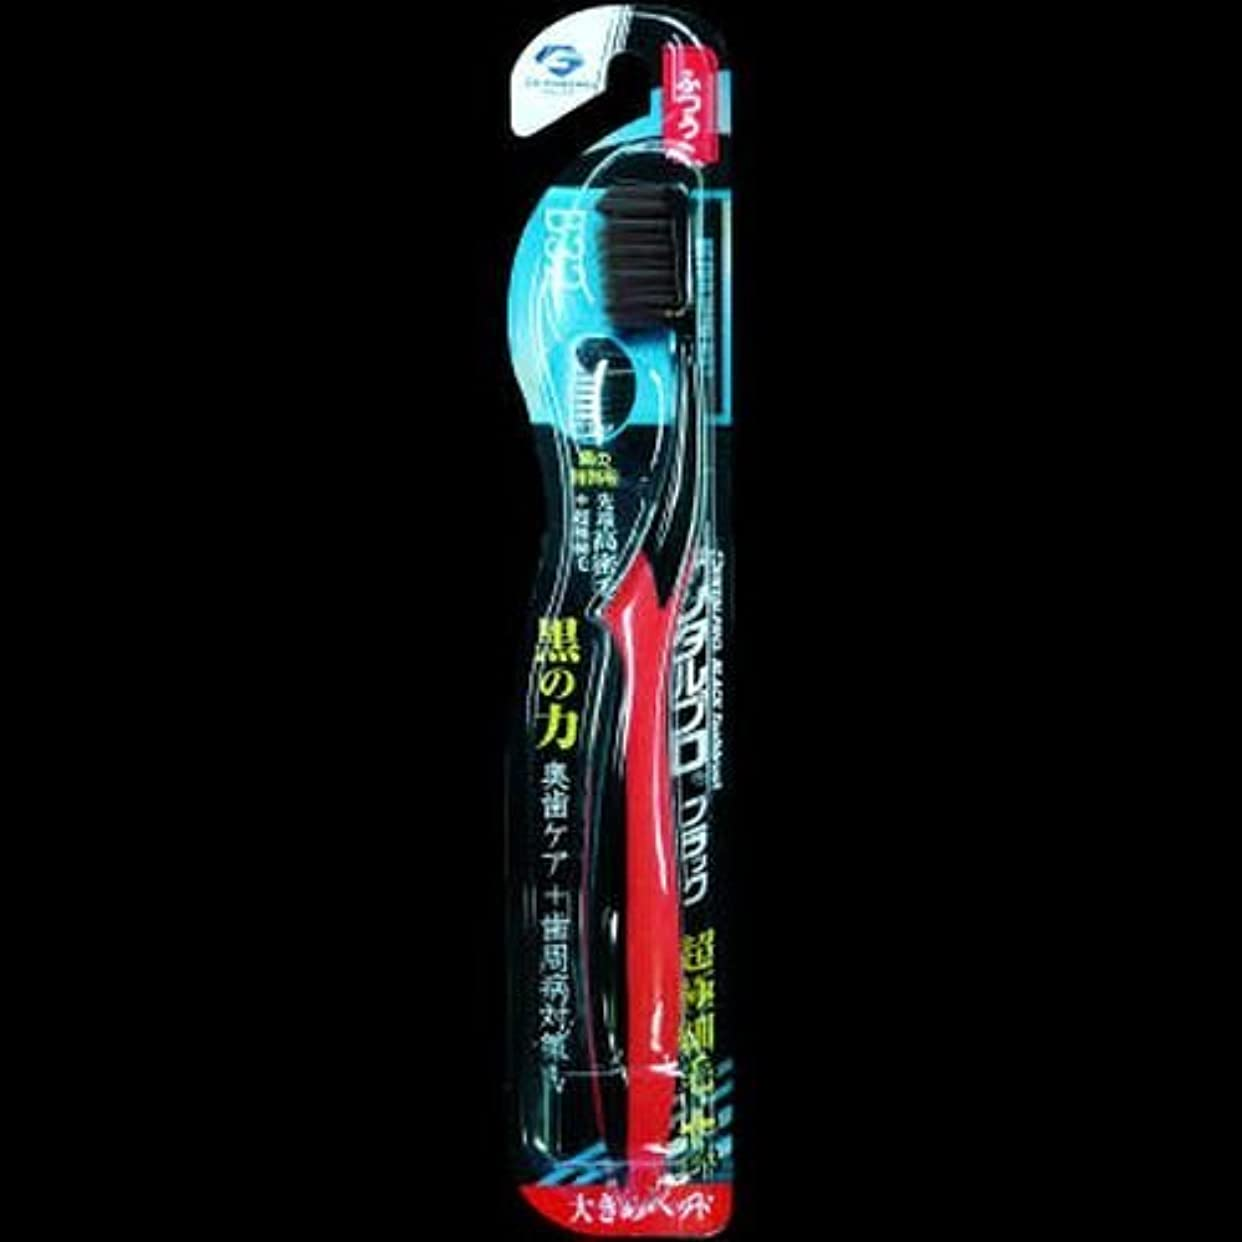 ハムアーチ伴うデンタルプロ ブラック歯ブラシ 超極細毛プラス大きめヘッド ふつう ×2セット